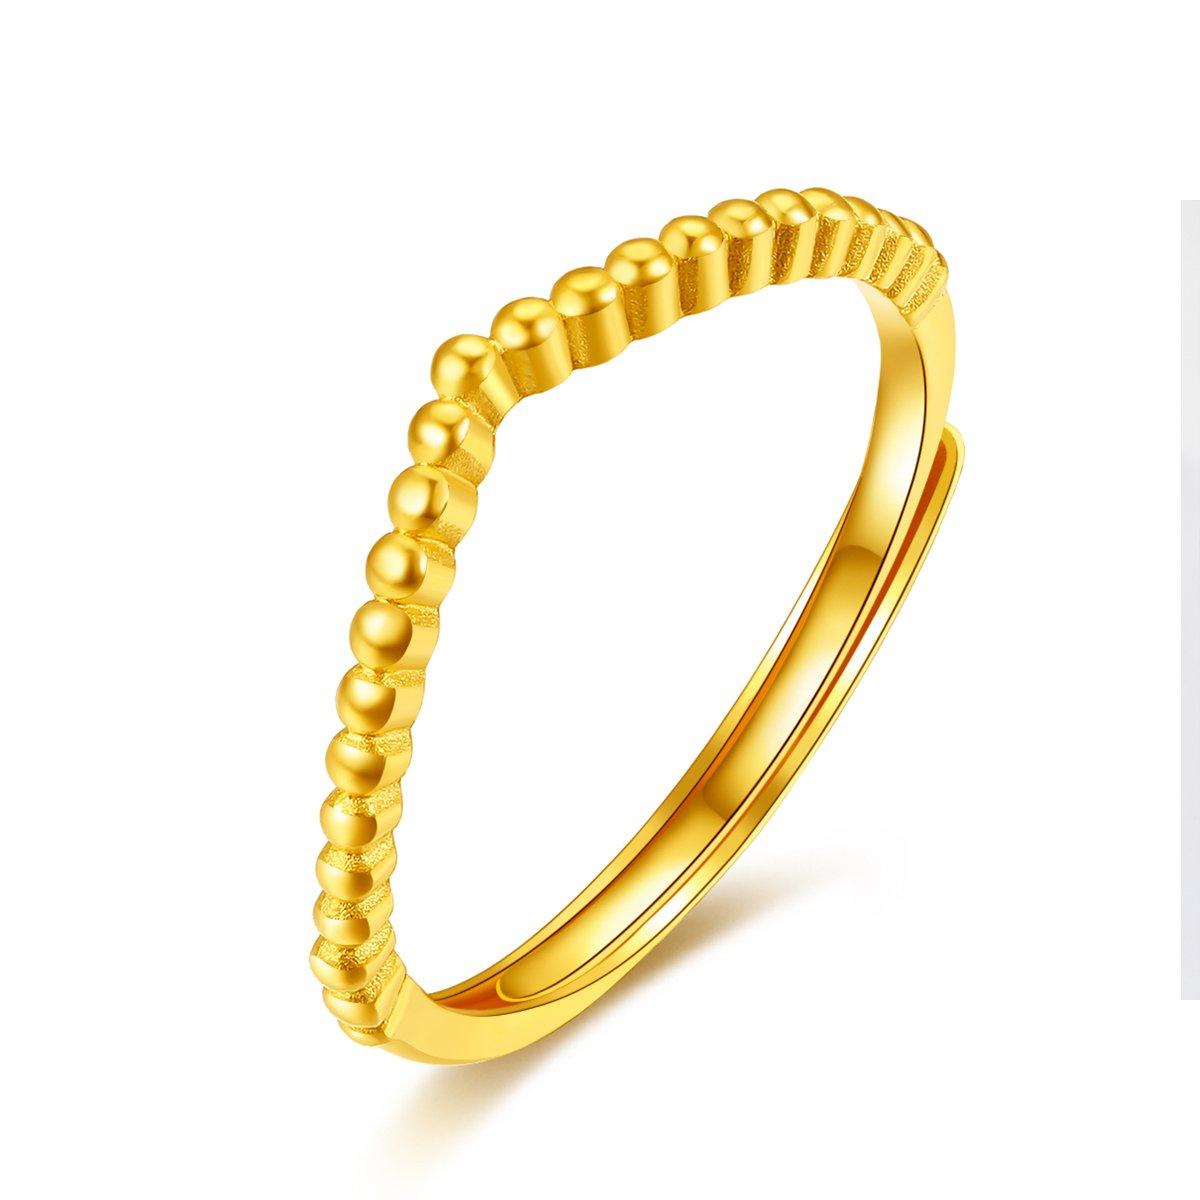 吉盟珠宝吉盟珠宝 黄金戒指女男士足金999珠边V型指环时尚食指戒情侣对戒AR052